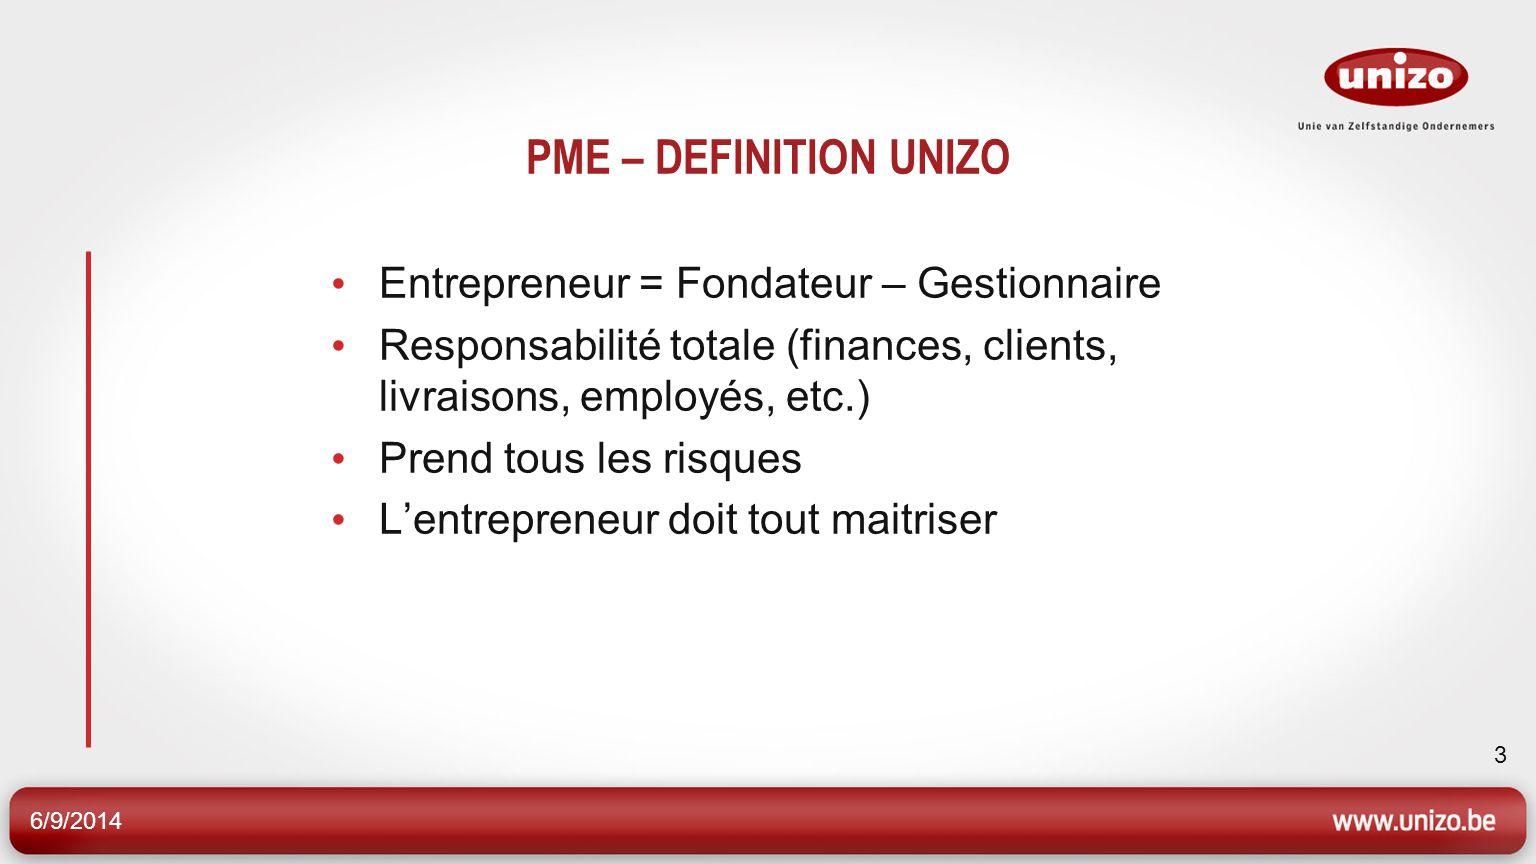 6/9/2014 3 PME – DEFINITION UNIZO Entrepreneur = Fondateur – Gestionnaire Responsabilité totale (finances, clients, livraisons, employés, etc.) Prend